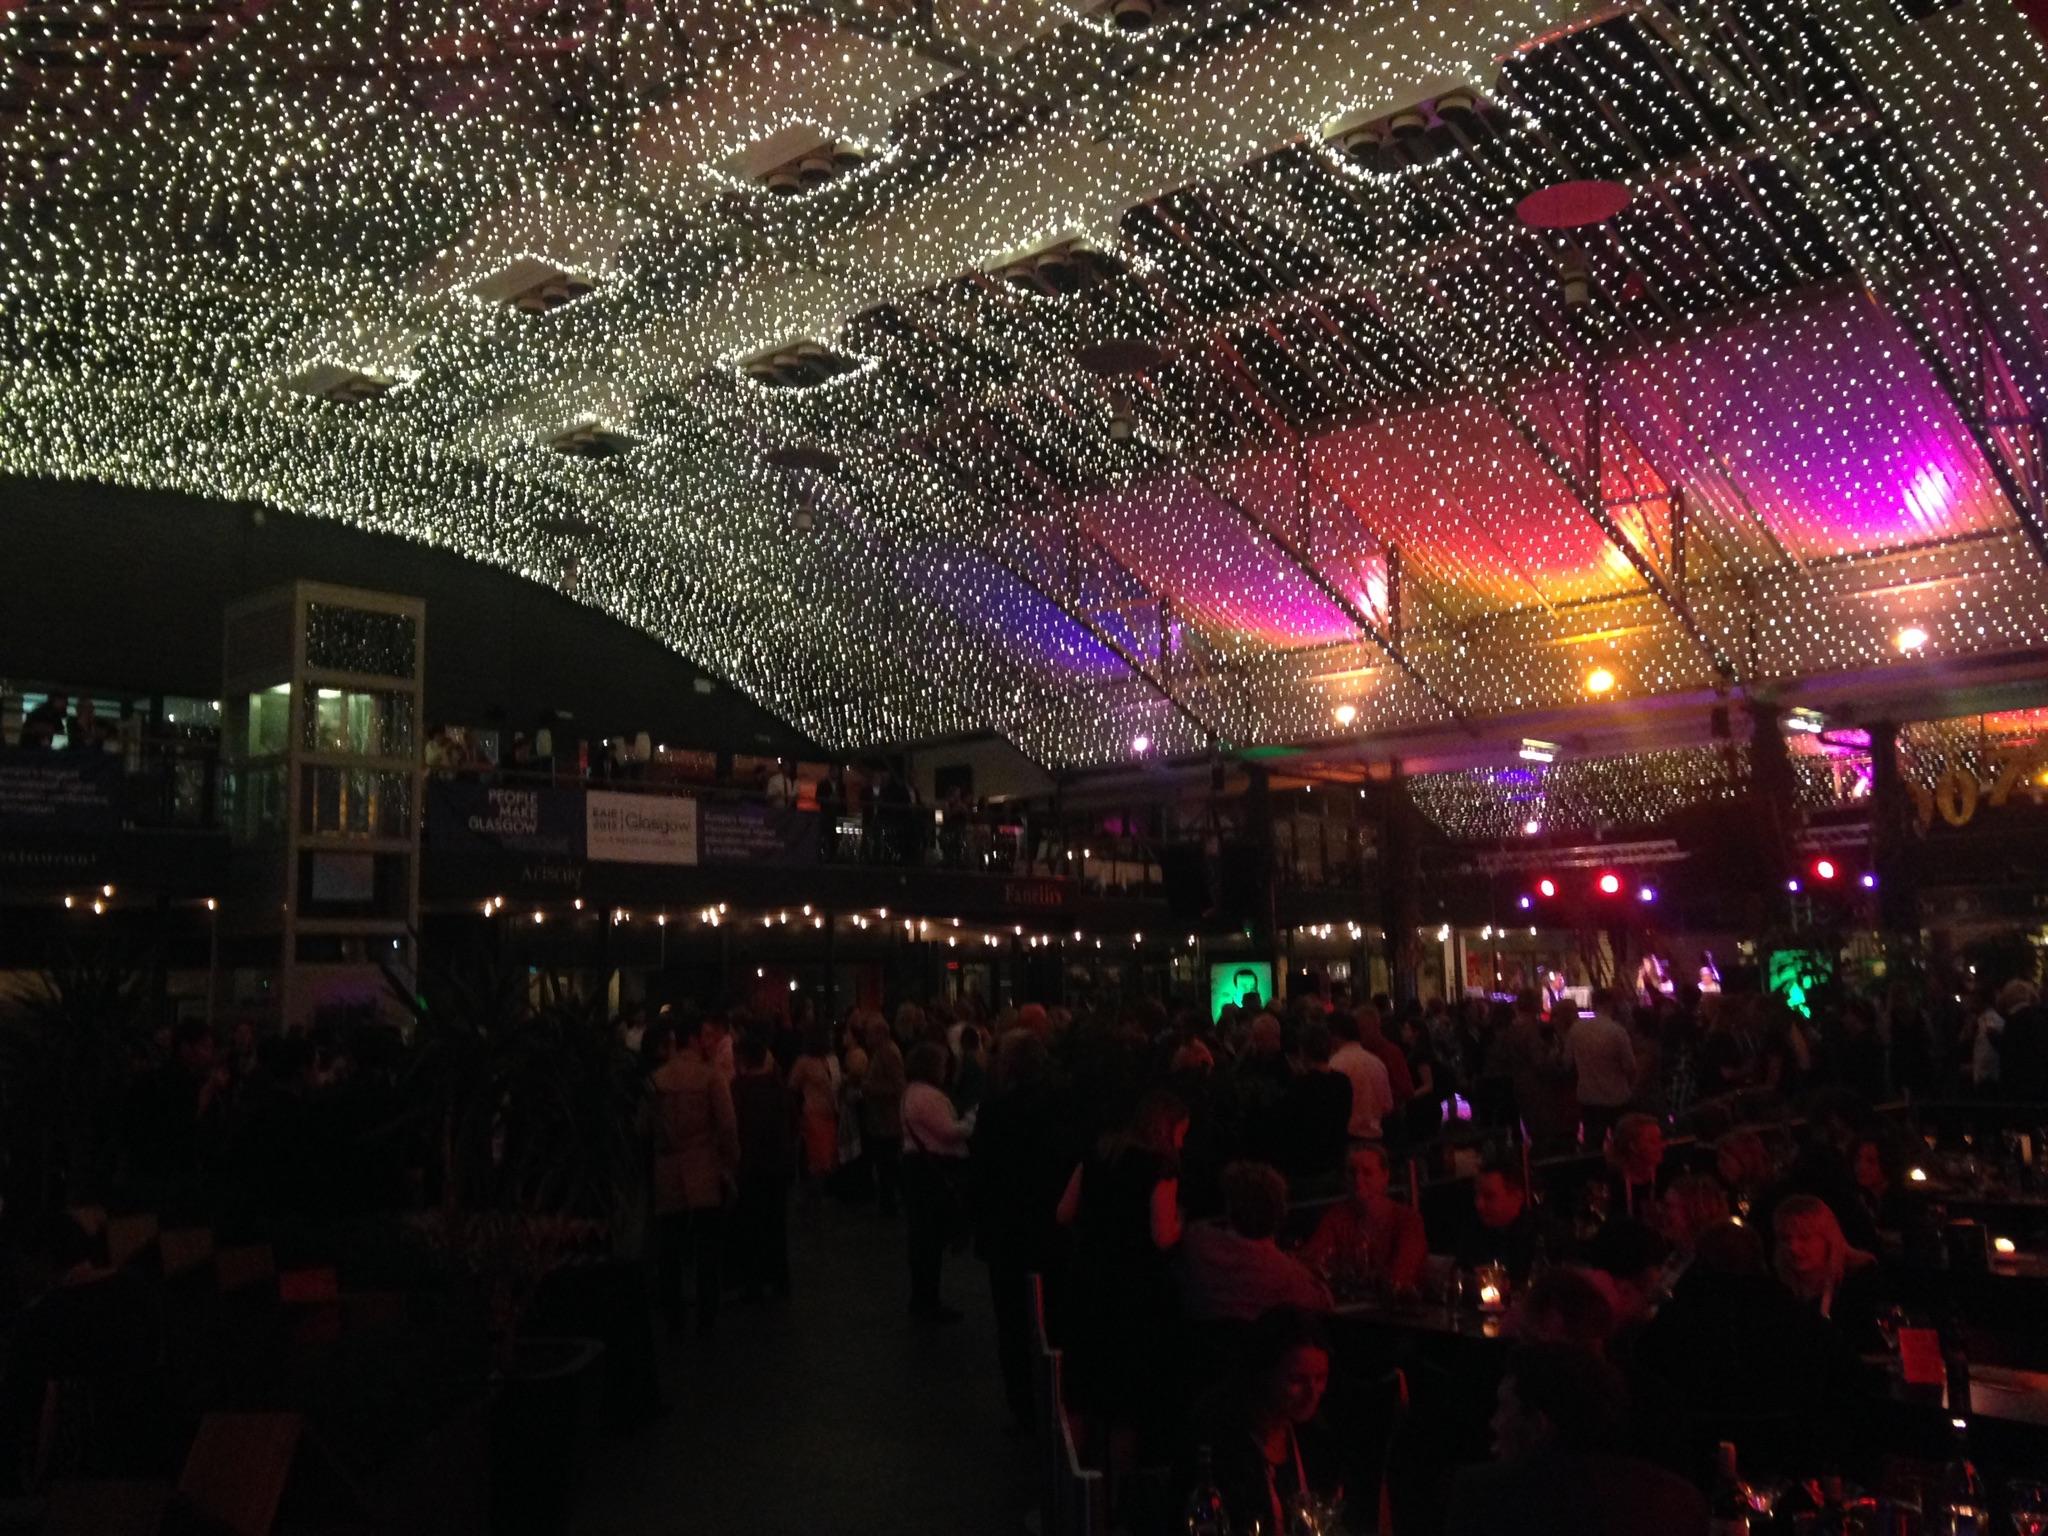 Bond-themed gala dinner in full swing!